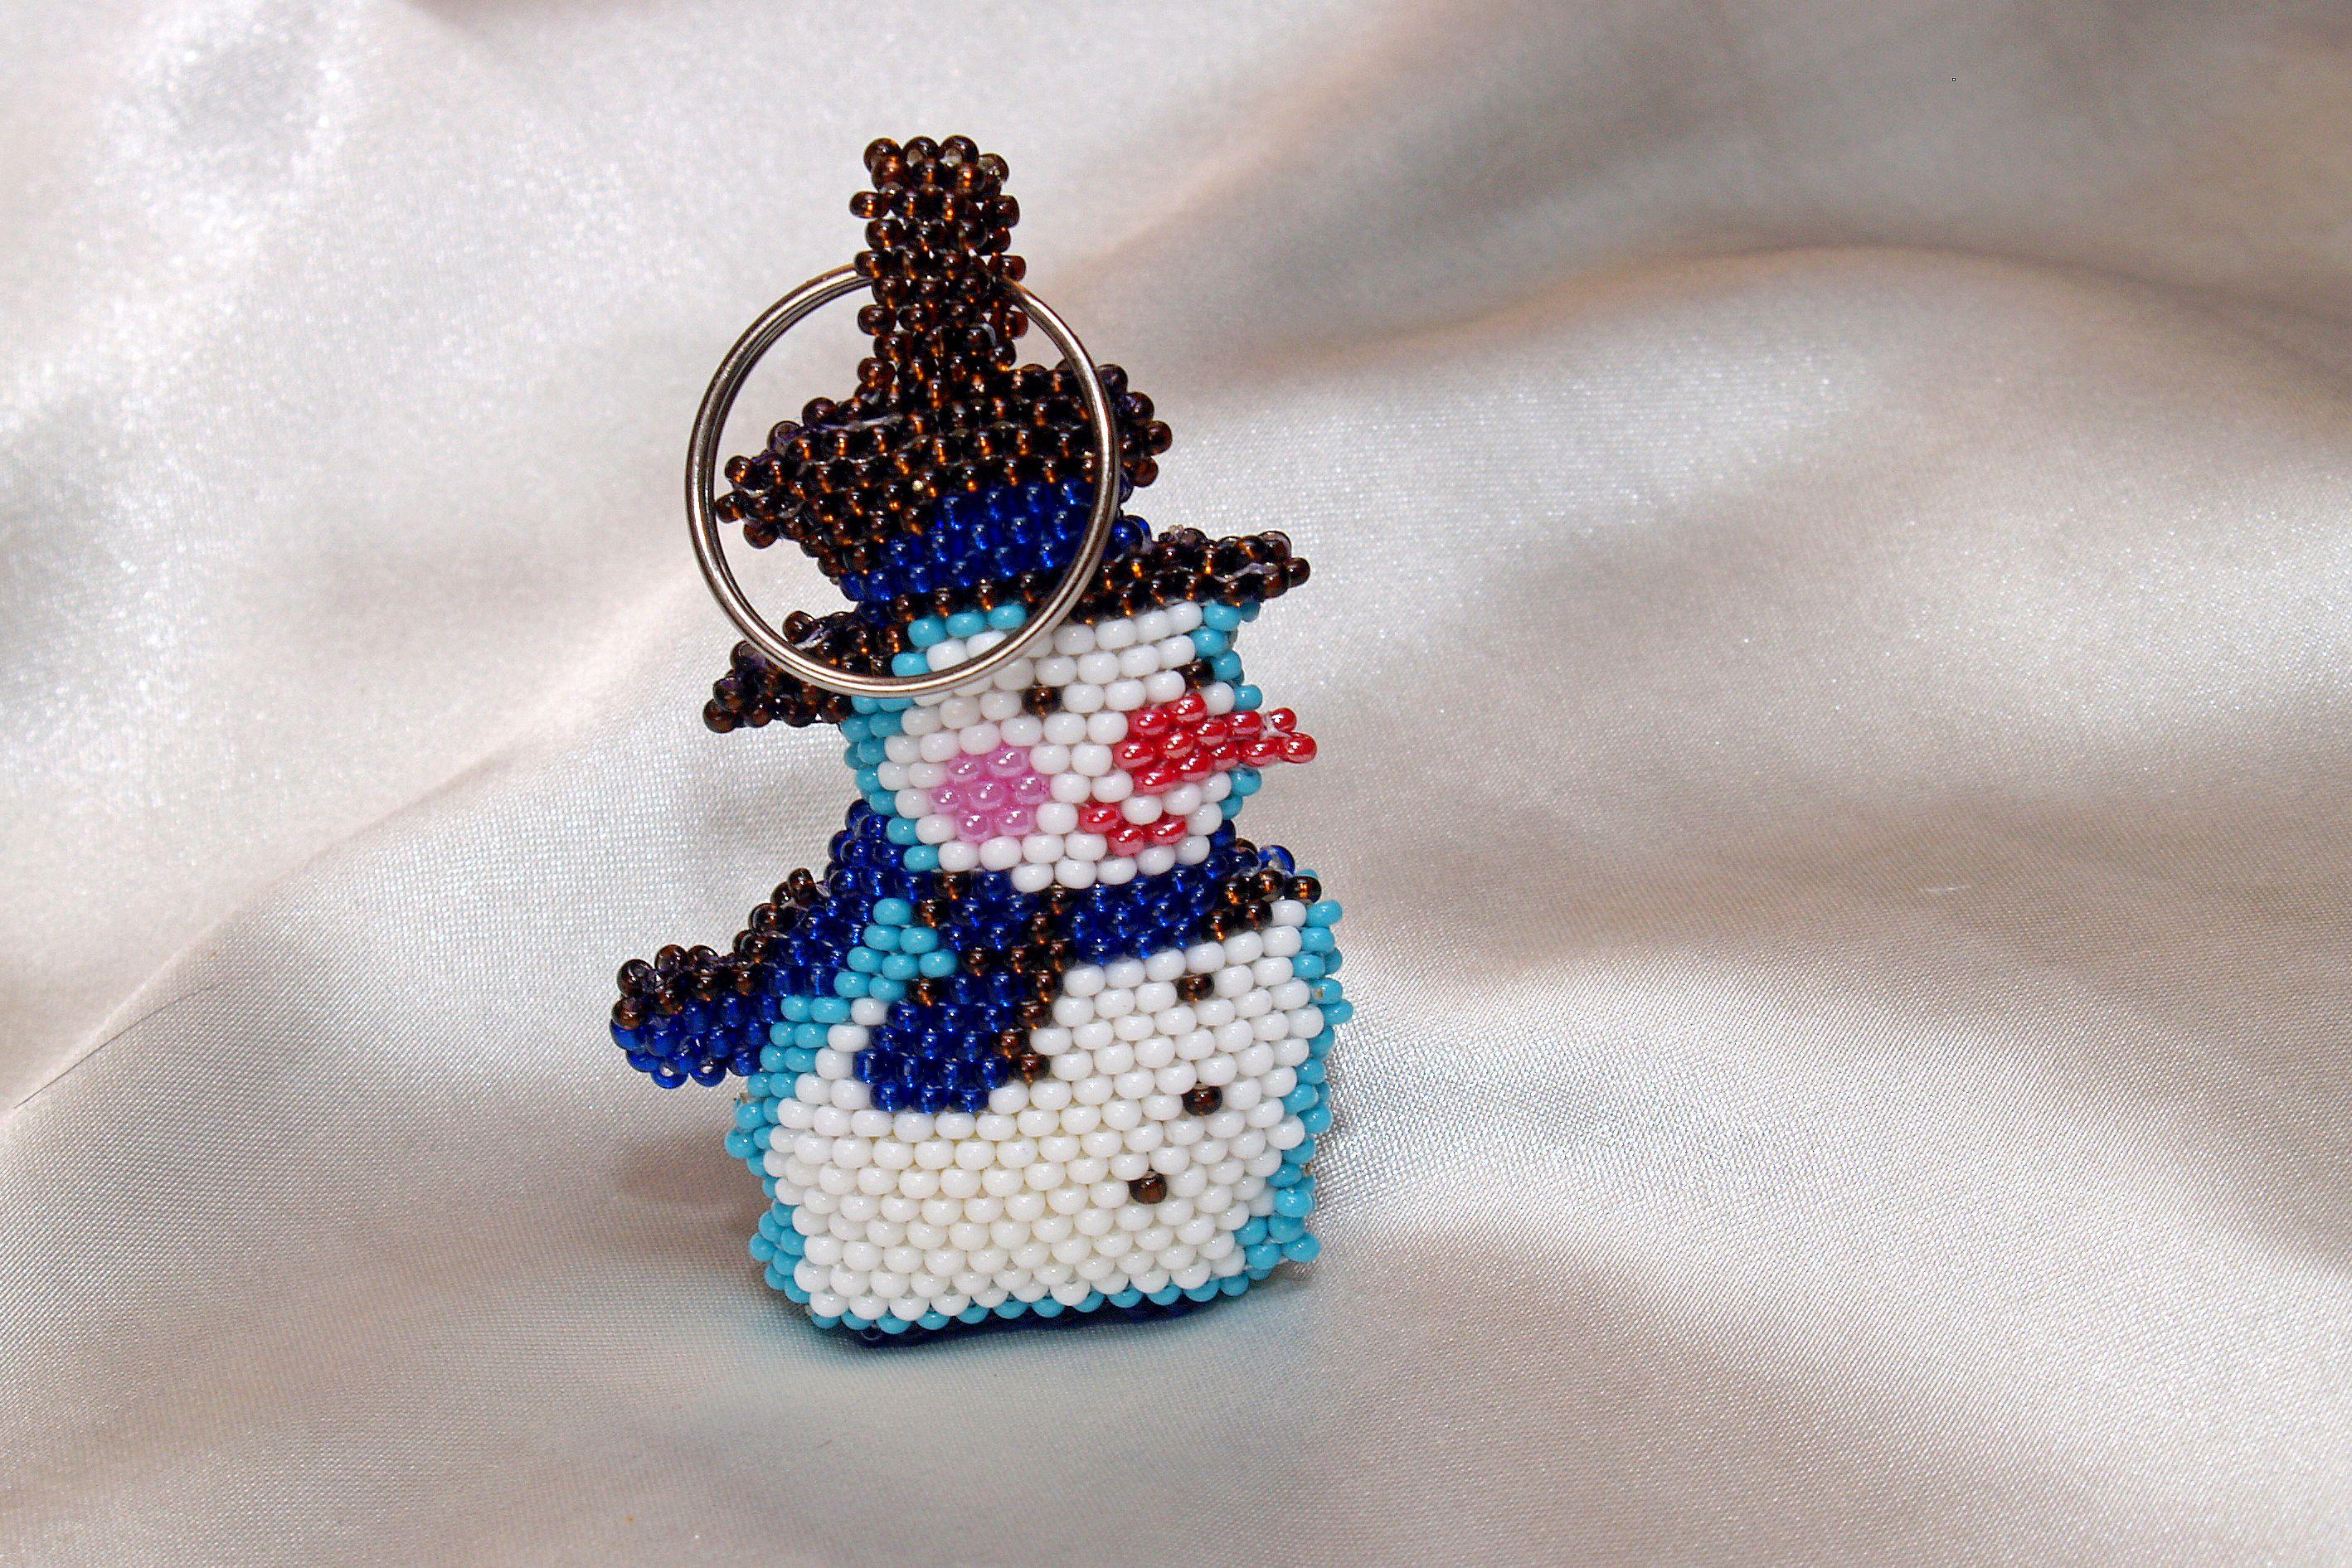 бижутерия подарок ключи аксессуар наключи новогоднеенастроение скороновыйгод 2017 брелок новыйгод снеговик на символ бисер ручнаяработа